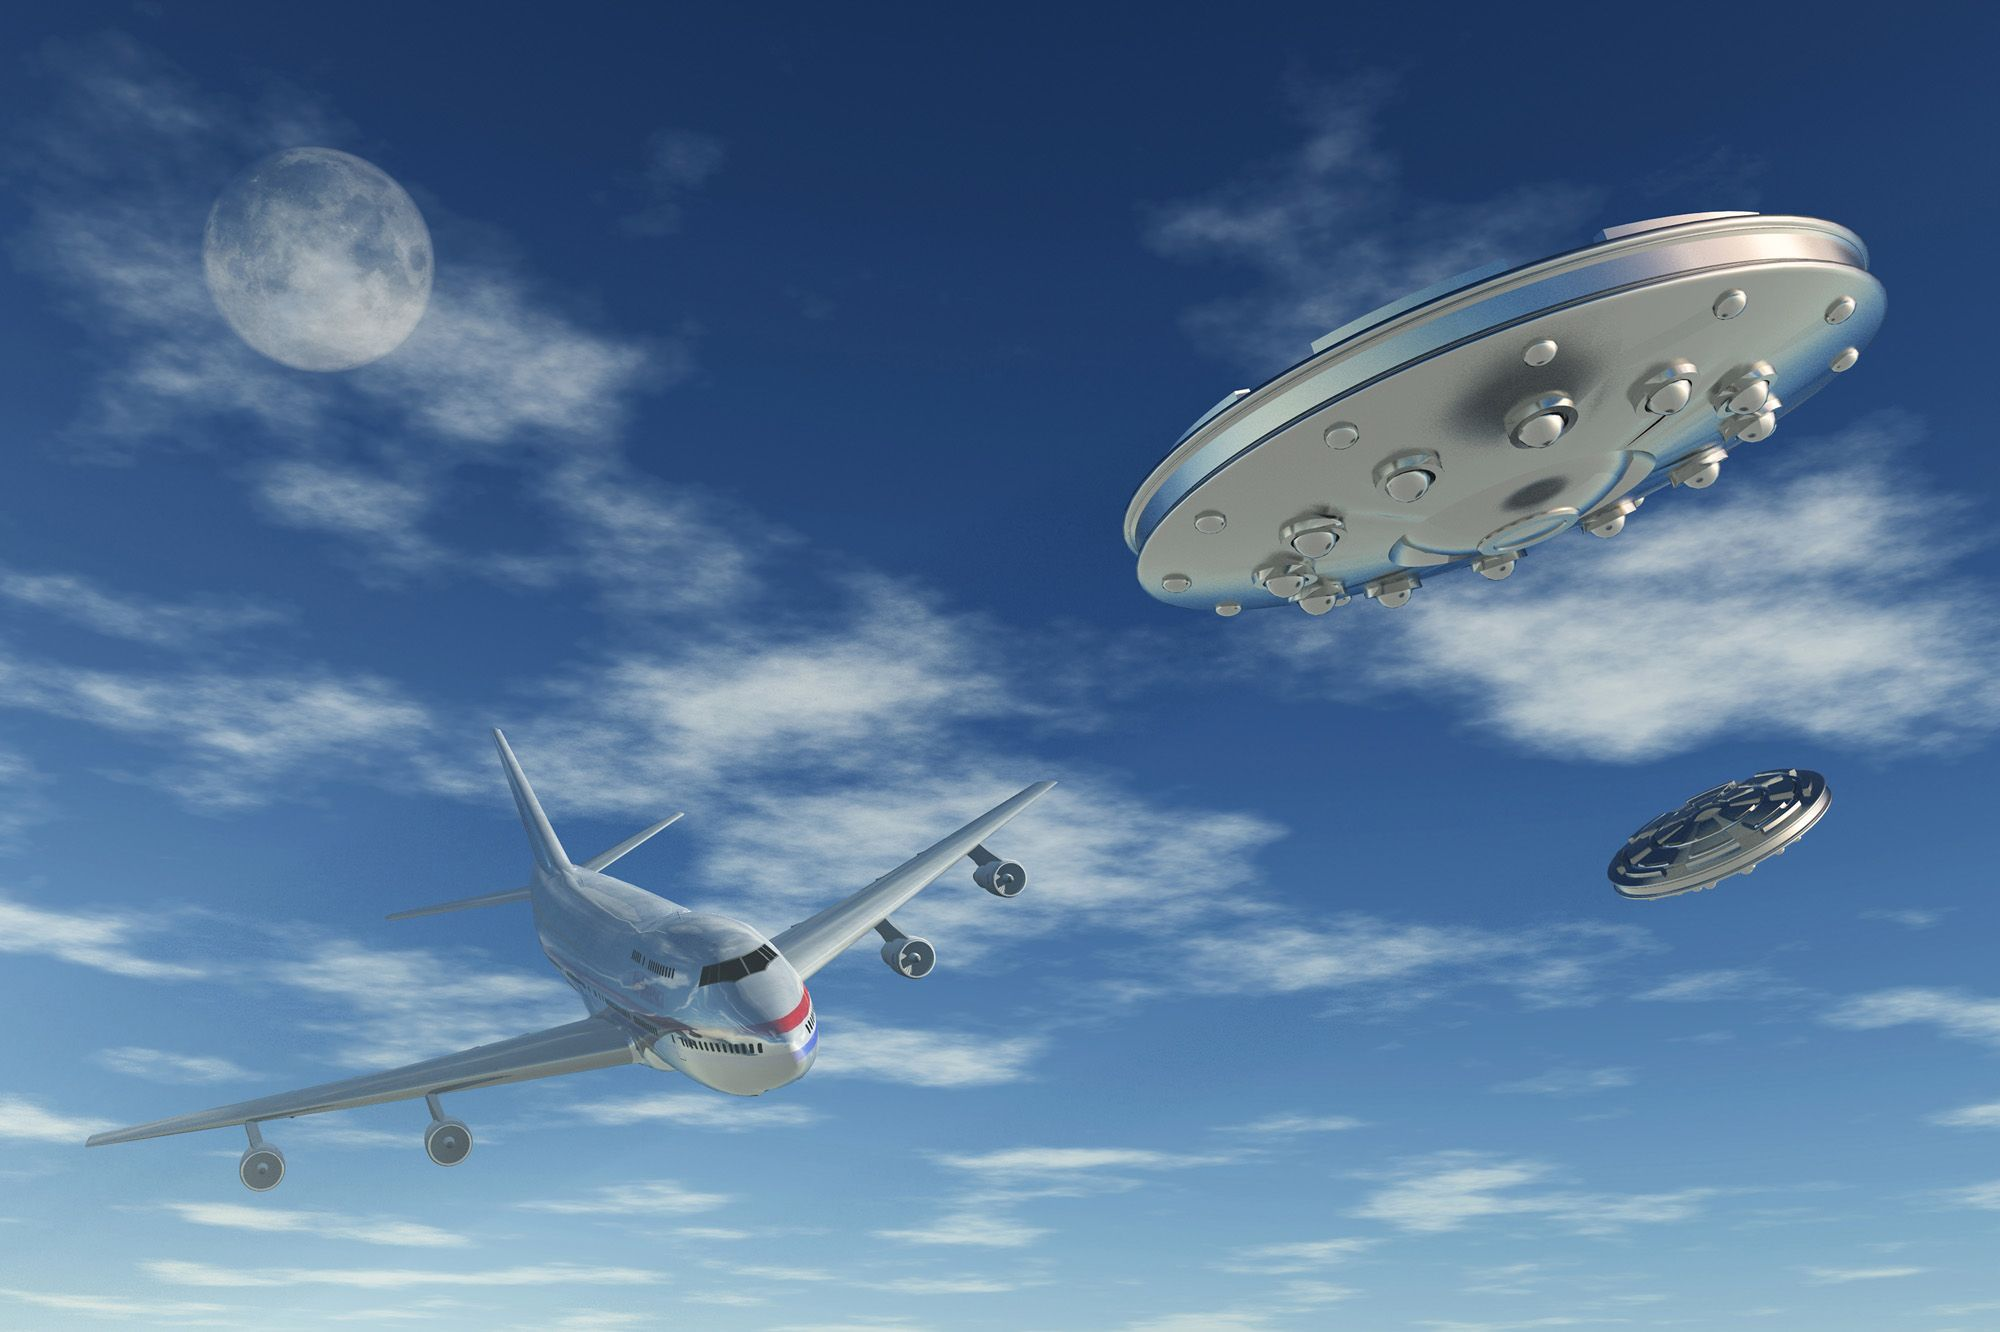 3 histoires étonnantes de pilotes qui ont rencontré des extraterrestres